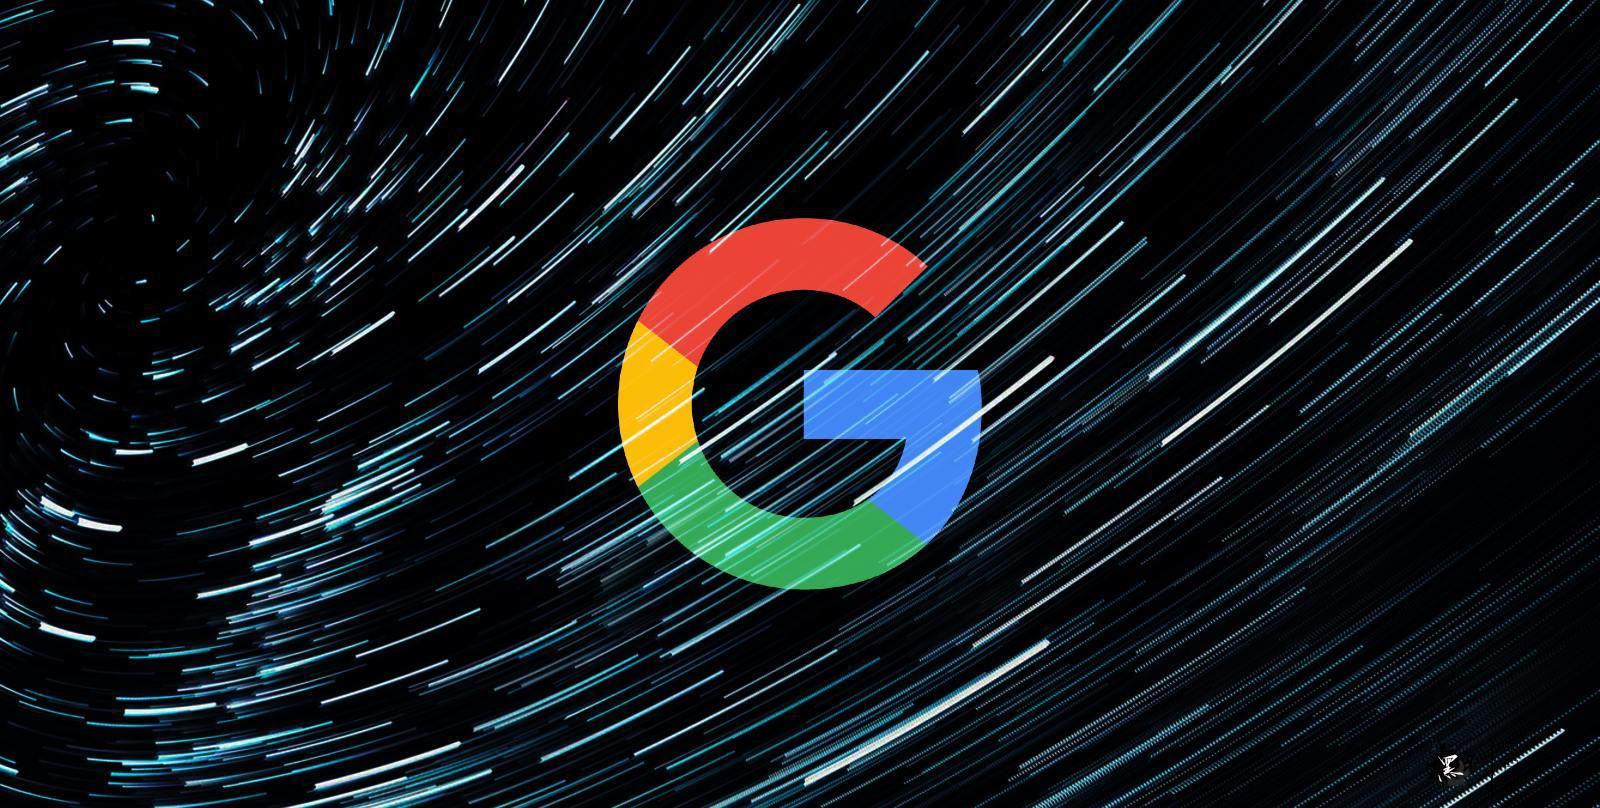 谷歌解释了最近 YouTube 和 Gmail 宕机的原因